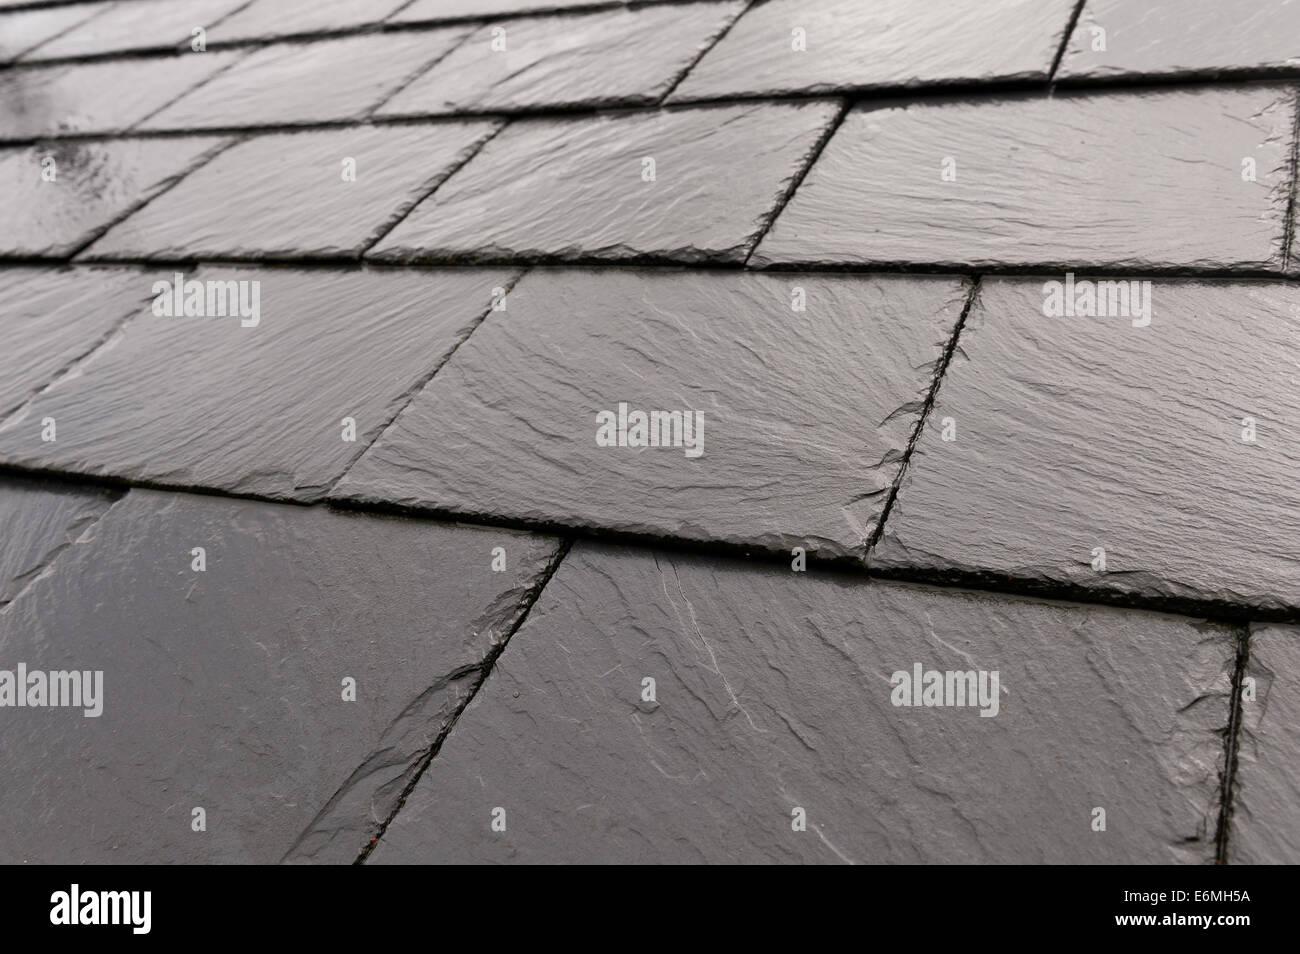 Pioggia umida ricoperta di nuove piastrelle di ardesia prevista in